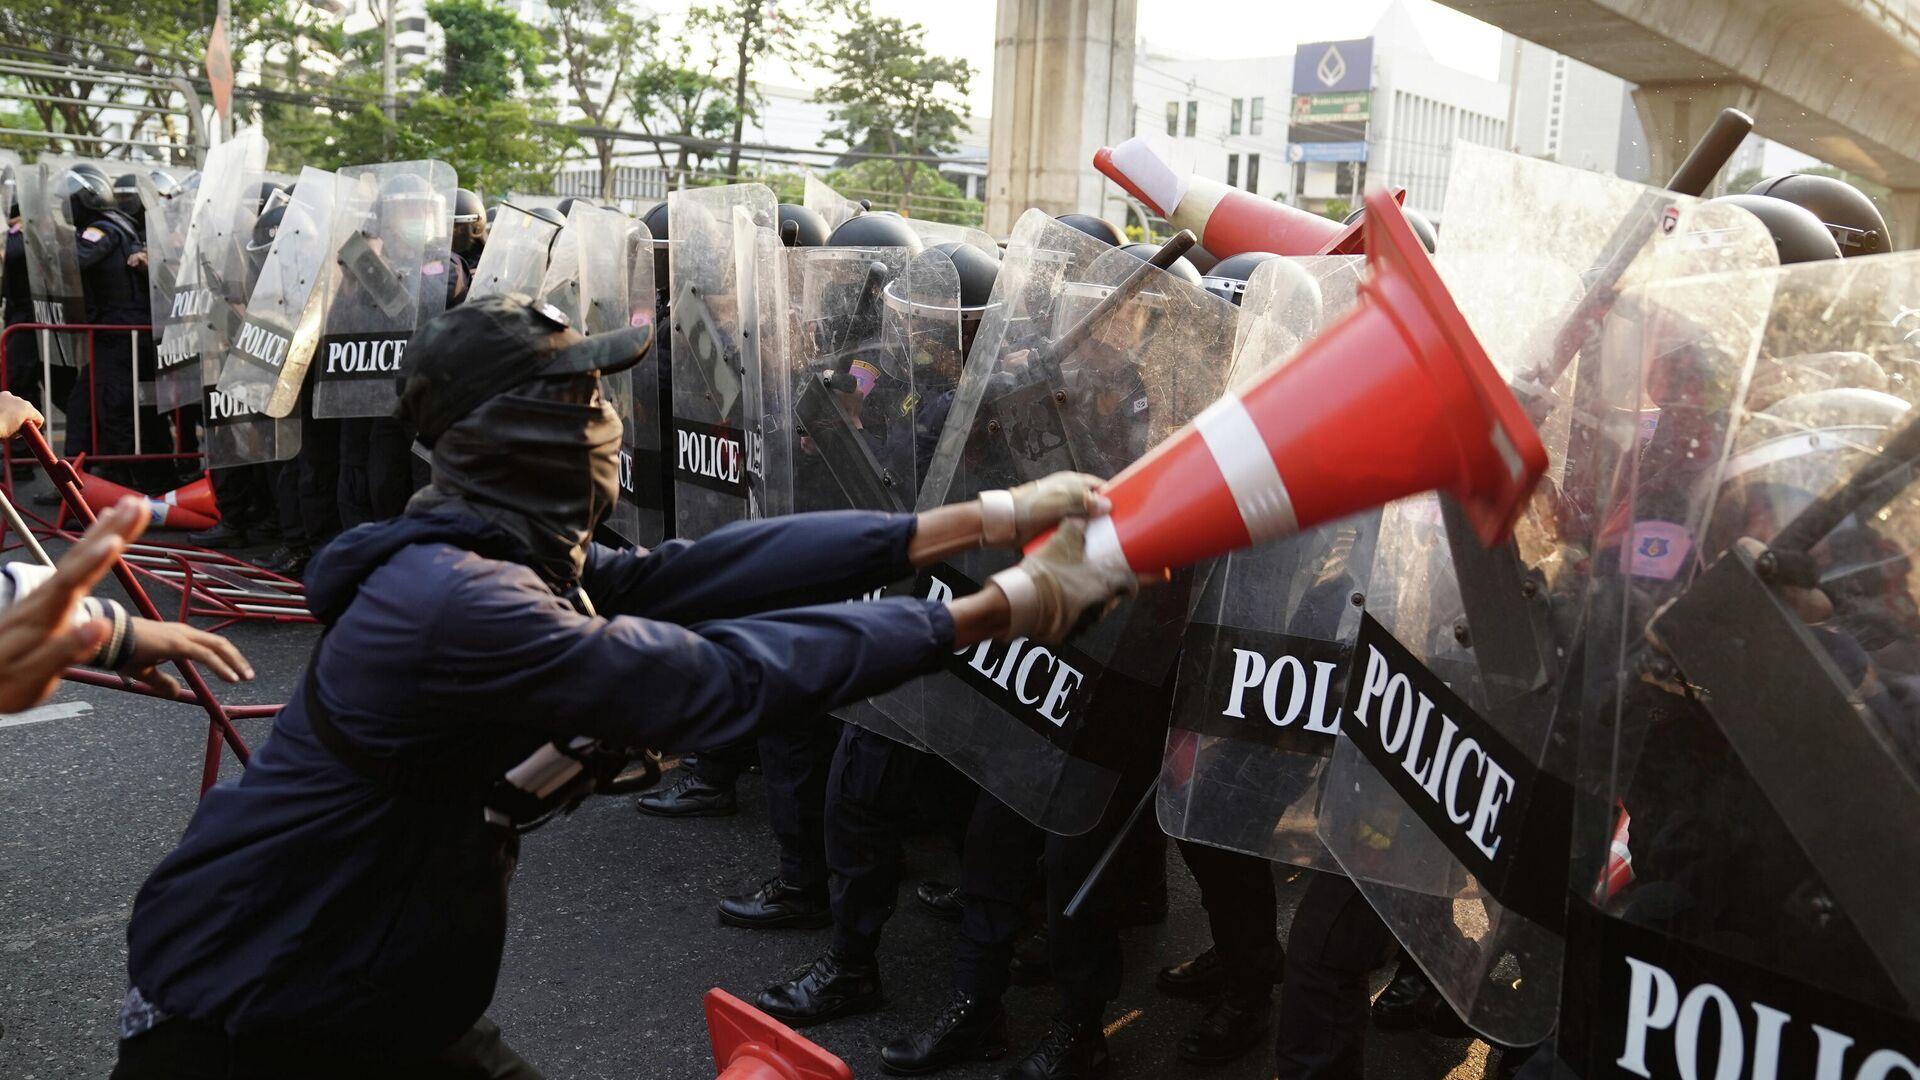 Столкновение на митинге за демократию Мьянмы у посольства в Бангкоке, Таиланд - РИА Новости, 1920, 28.02.2021